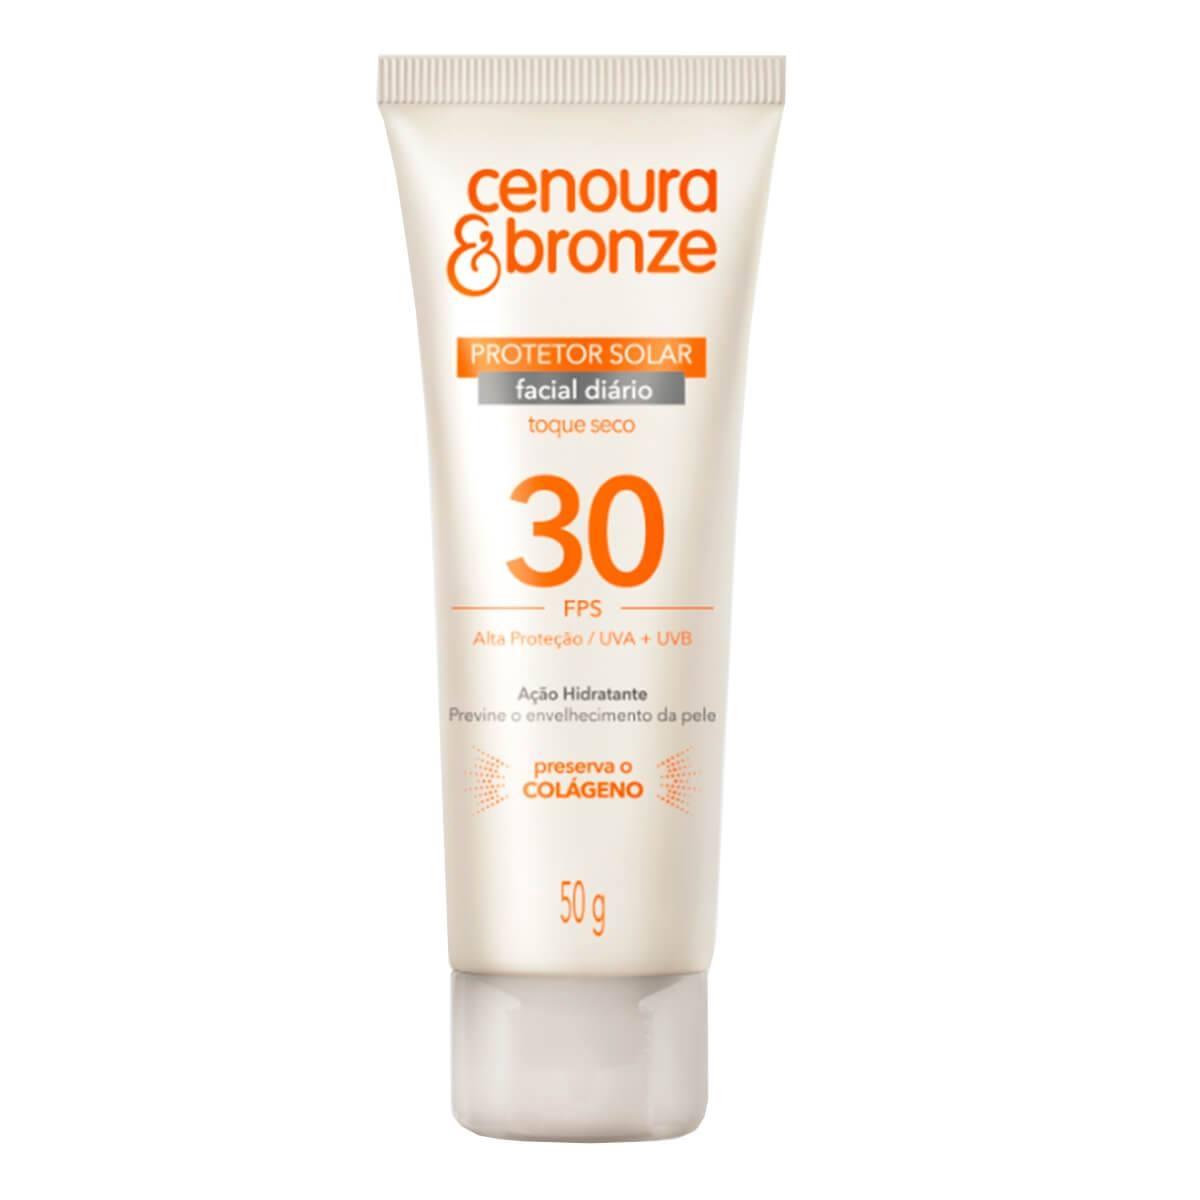 Protetor Solar Facial Cenoura e Bronze FPS30 50g 50g